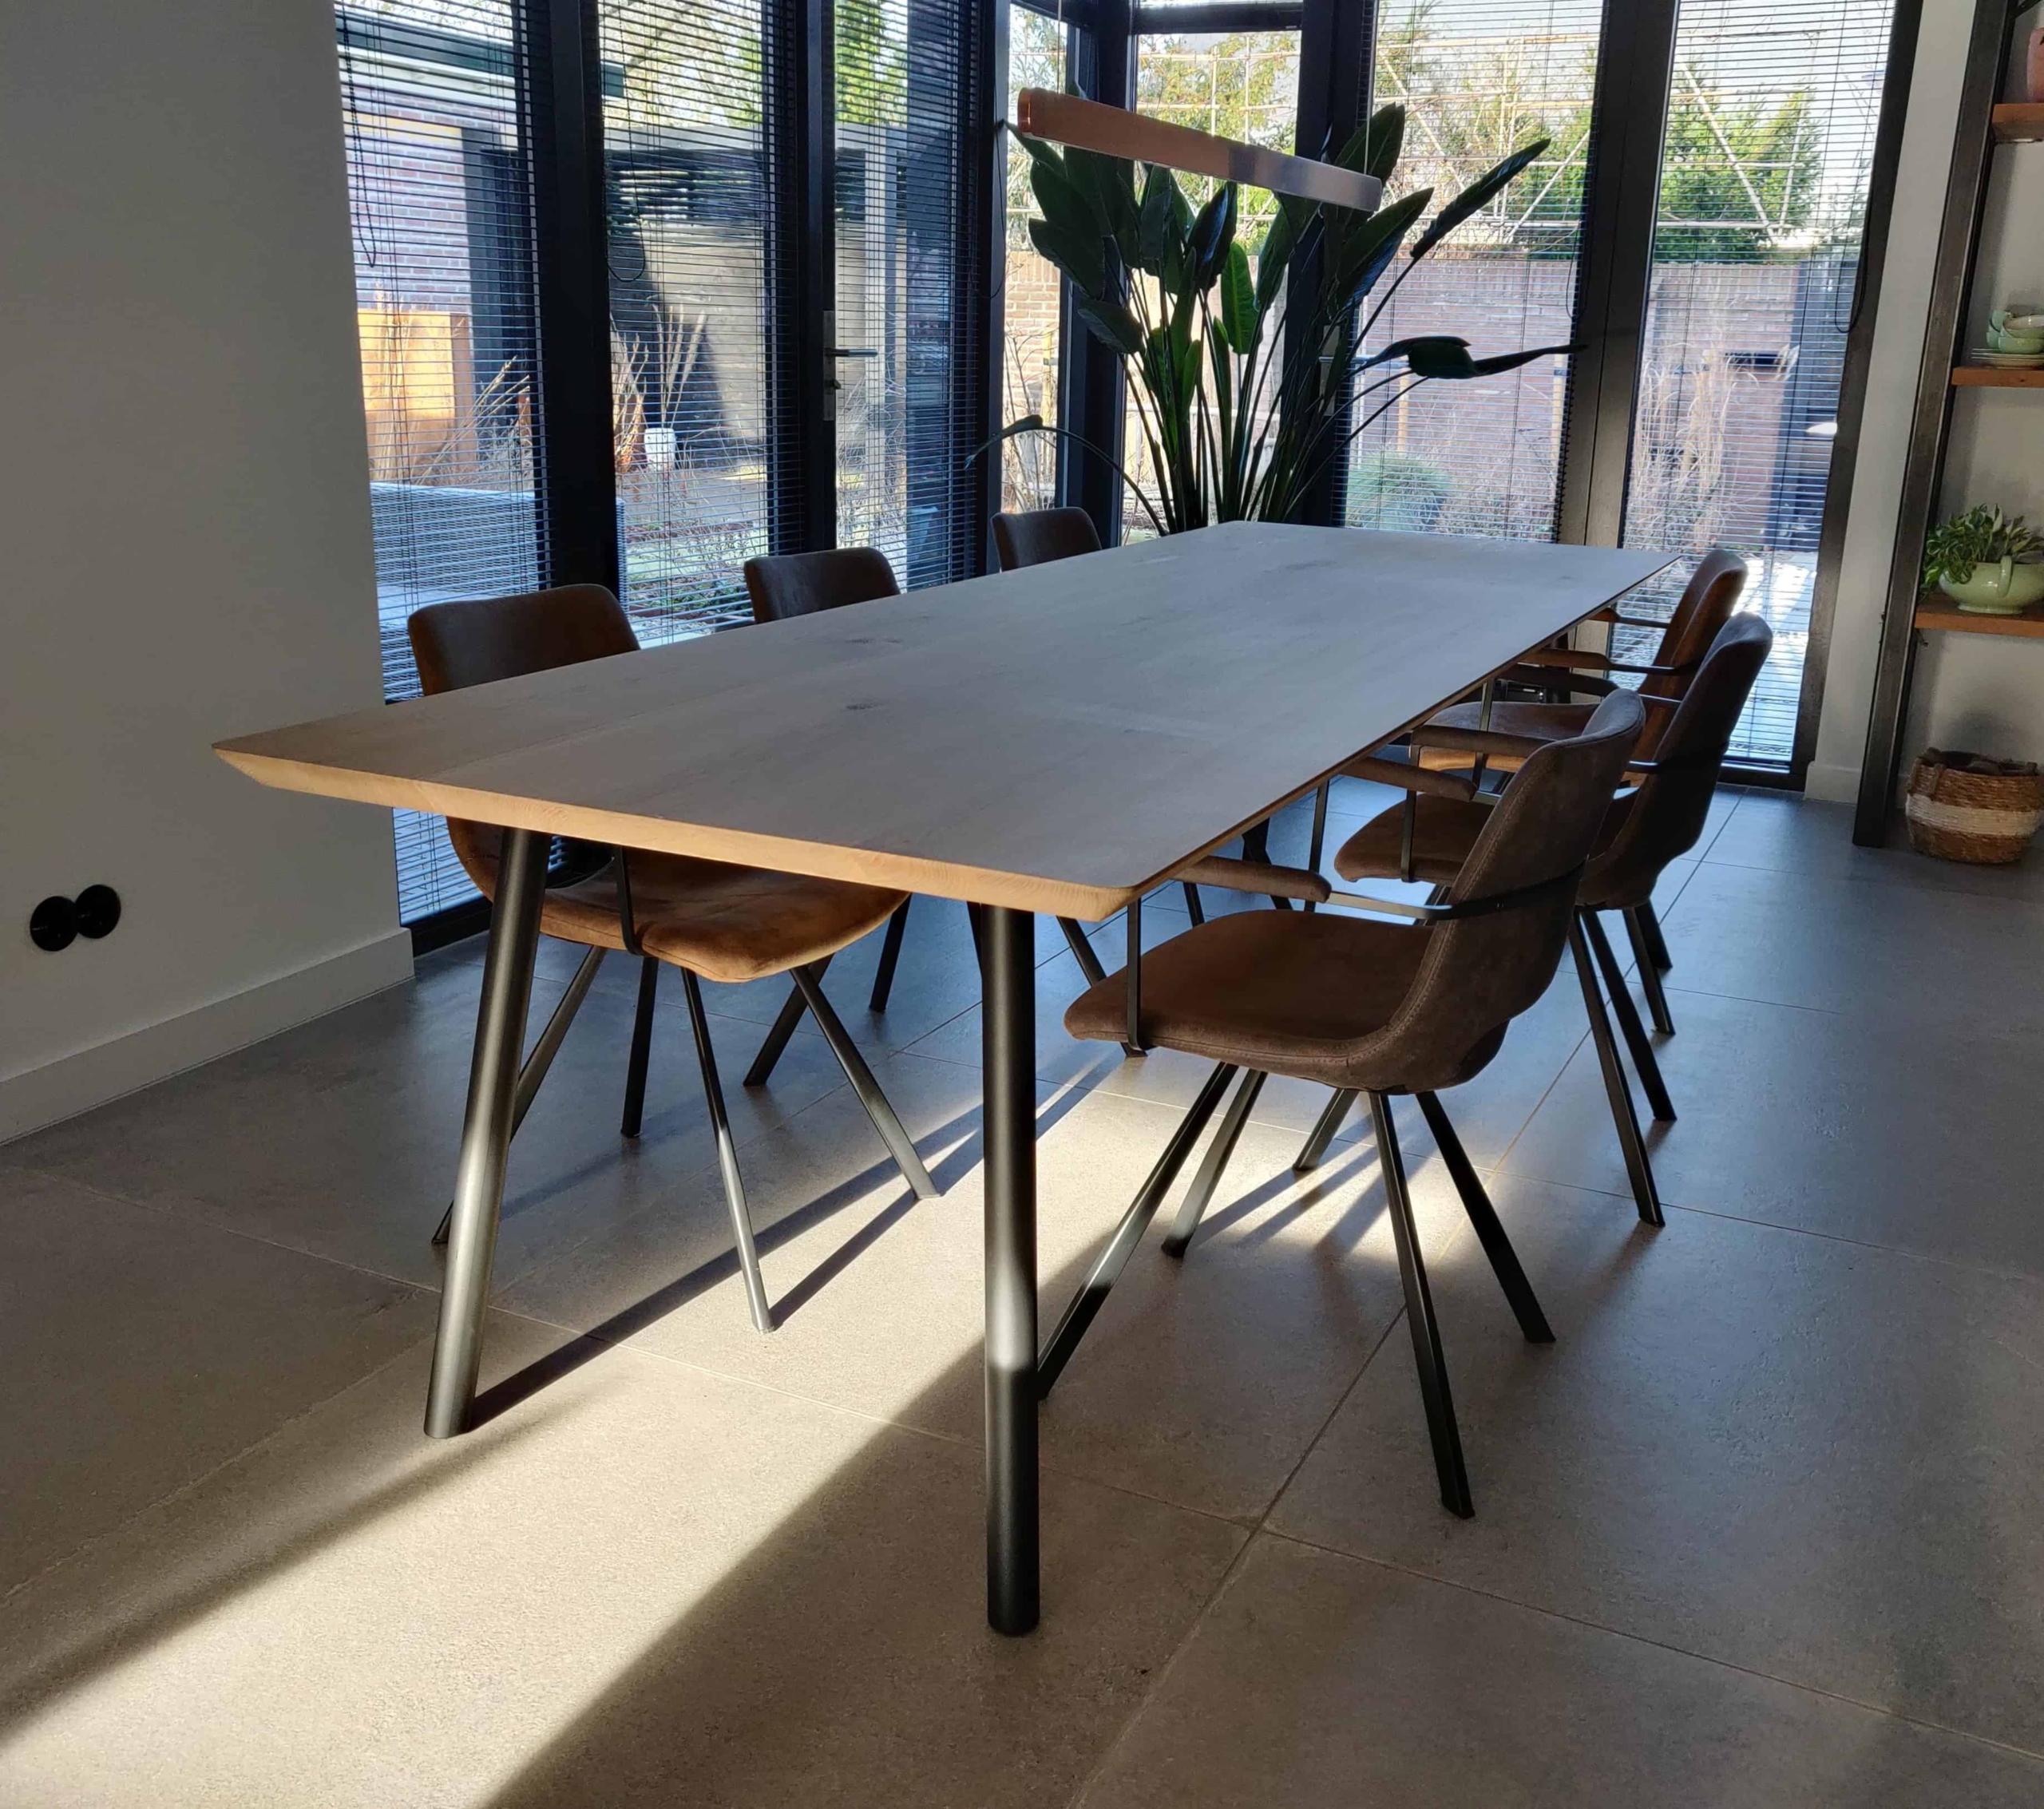 Eetkamer tafel met zwarte ronde poten van staal